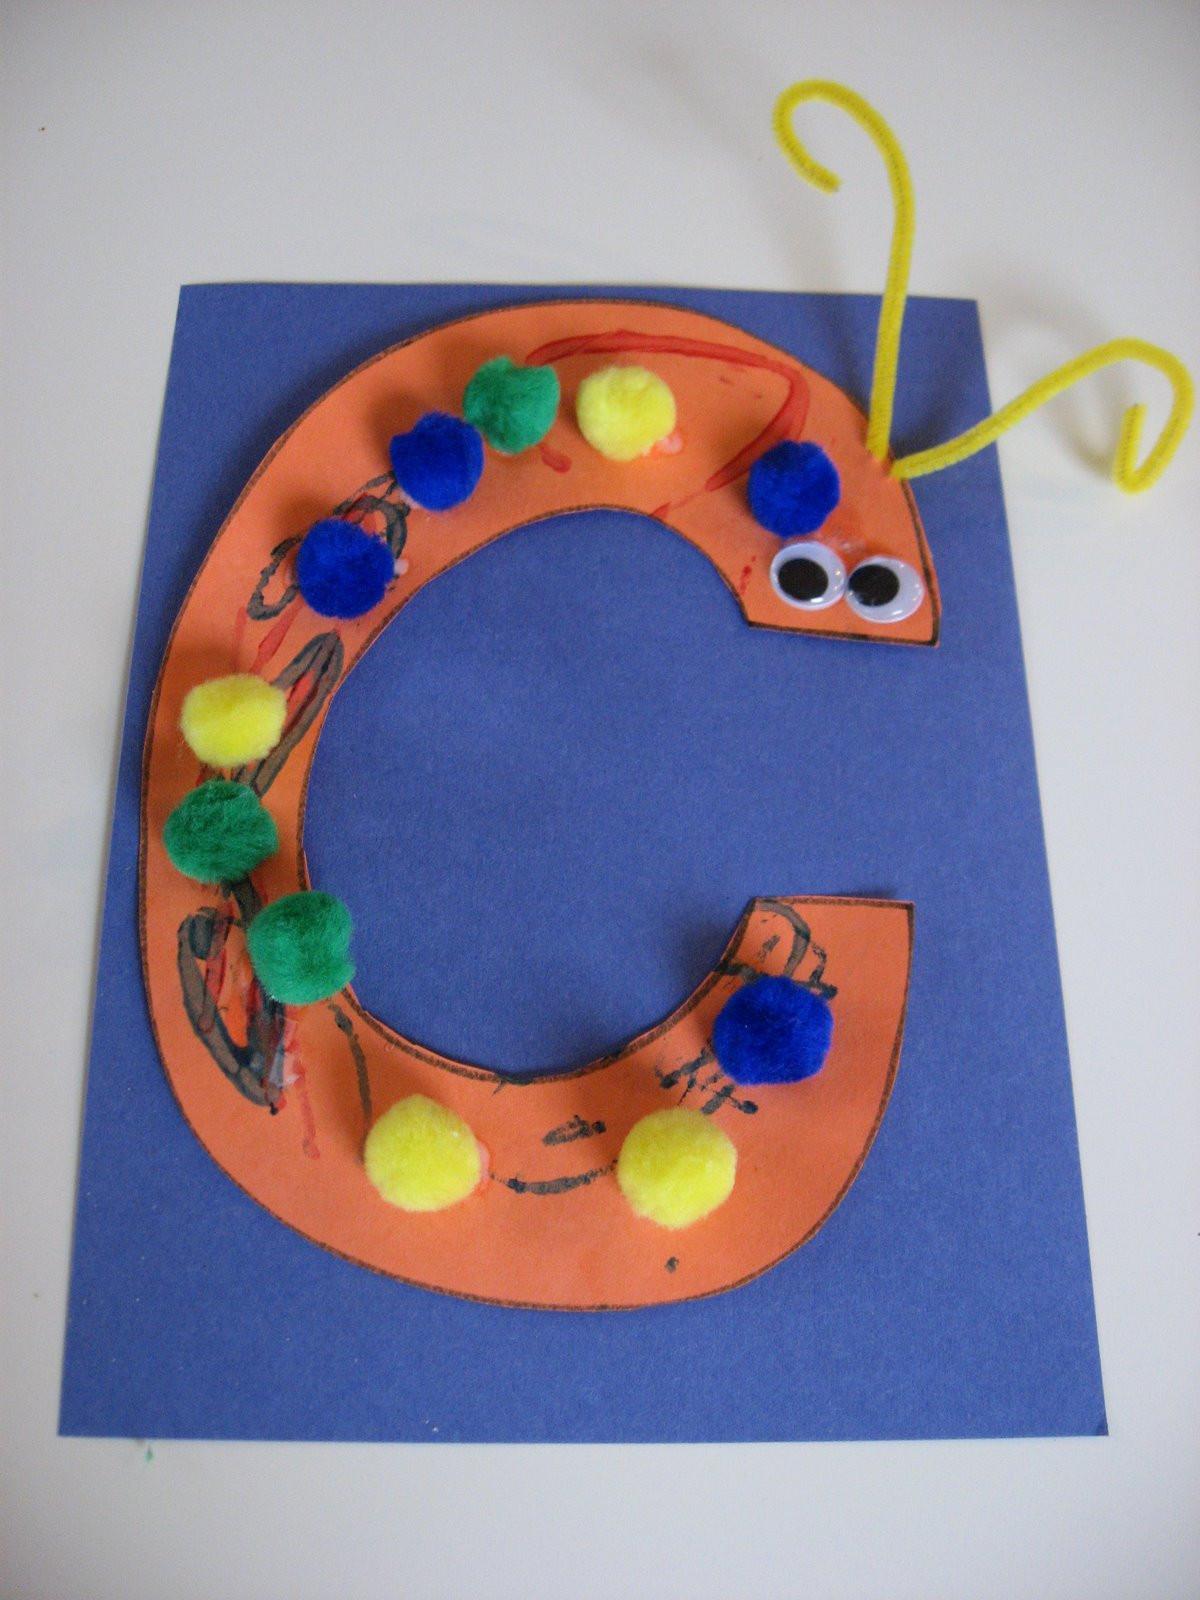 Preschoolers Craft Activities  18 Caterpillar & Butterfly Activities For Preschool and